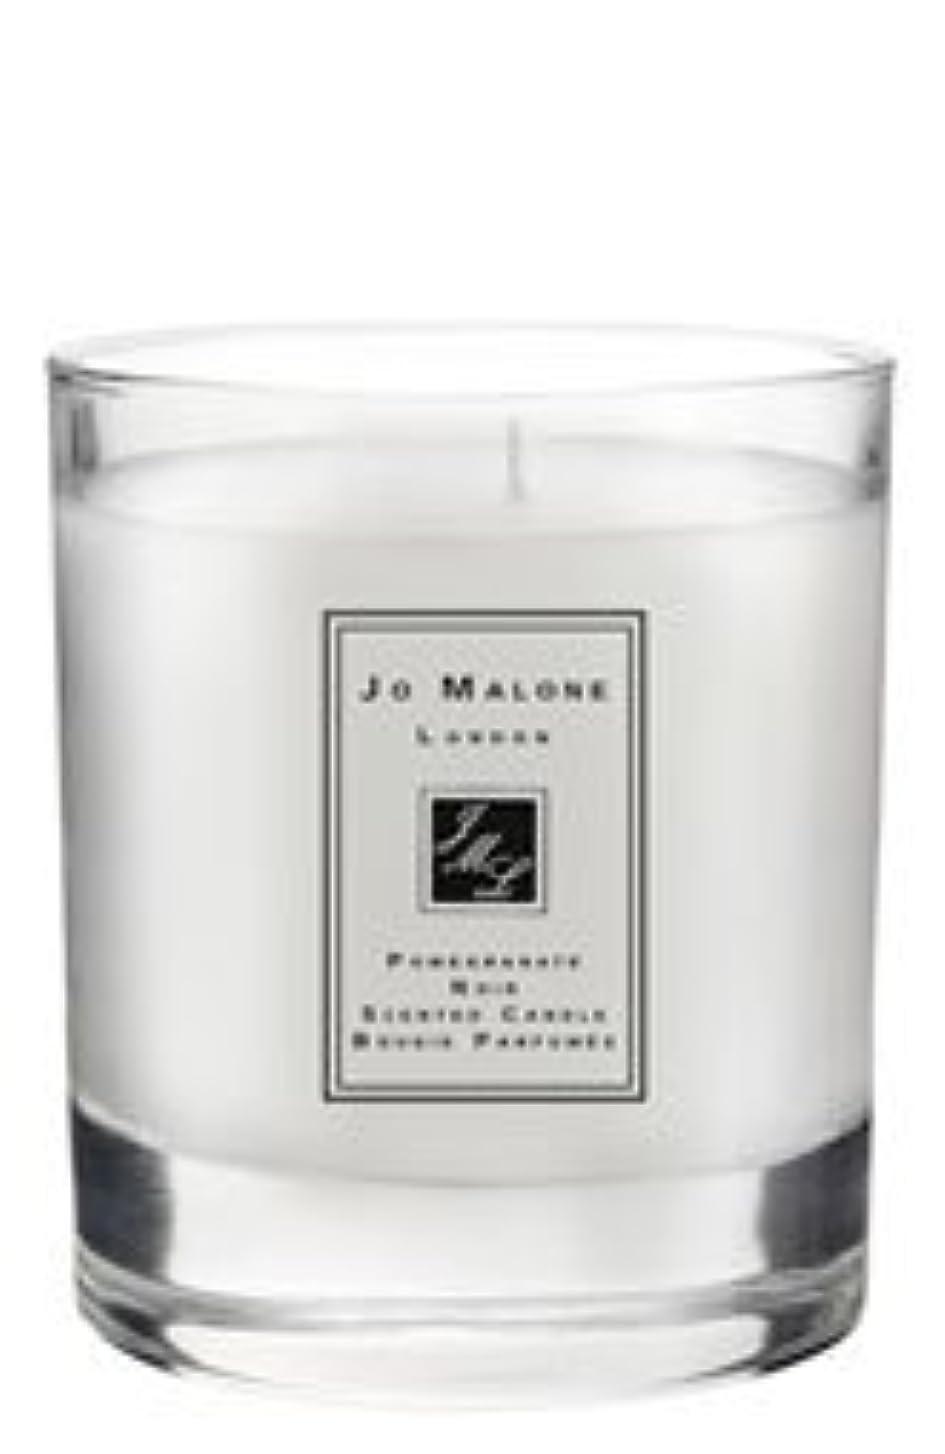 喜びキャスト到着するジョーマローン 'ポモグランテ ノアー' 7.0 oz (210ml) ホームキャンドル (香りつき)